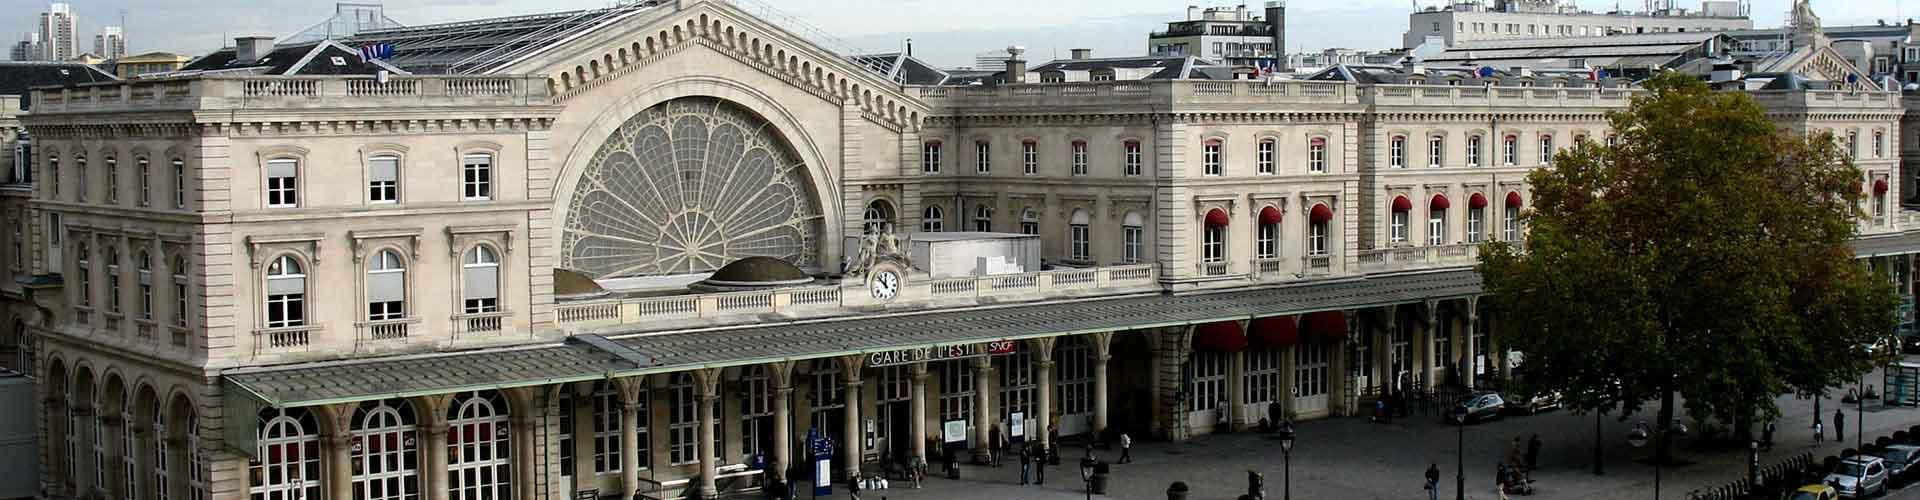 巴黎 – Gare de l'Est区的青年旅馆。巴黎 地图,巴黎 每间青年旅馆的照片和评分。